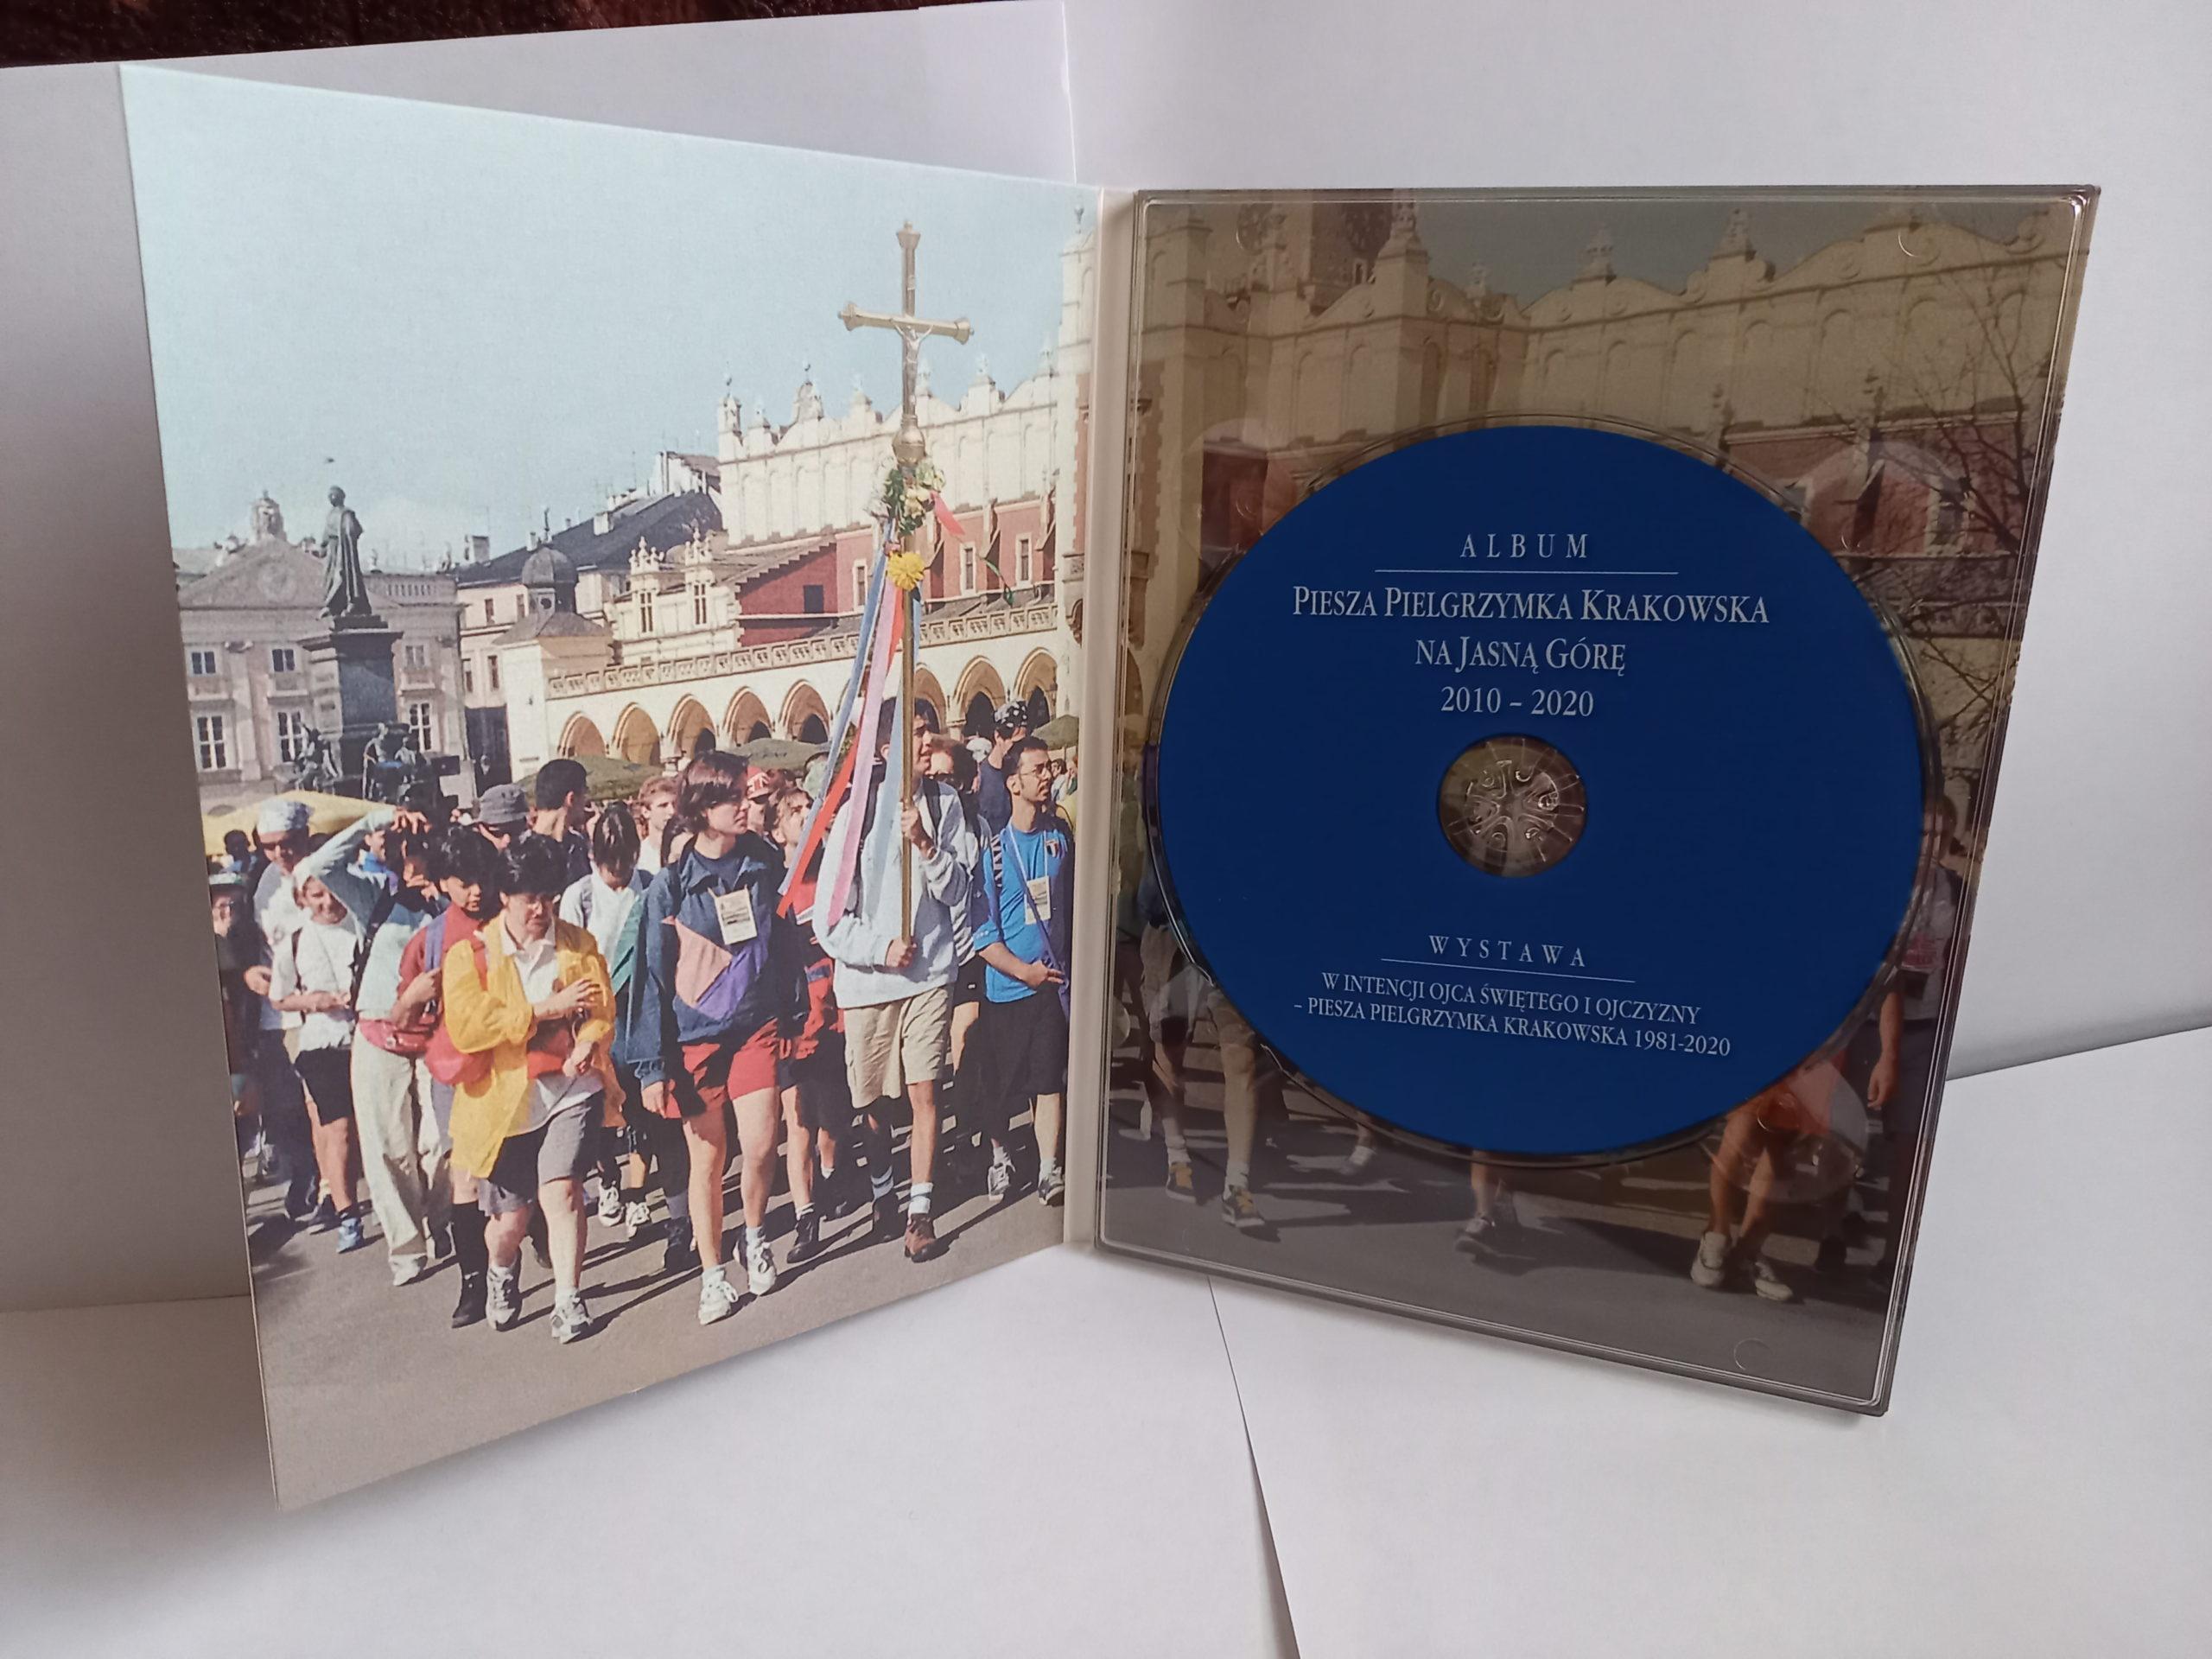 Album dokumentujący Pieszą Pielgrzymkę Krakowską 2010-2020